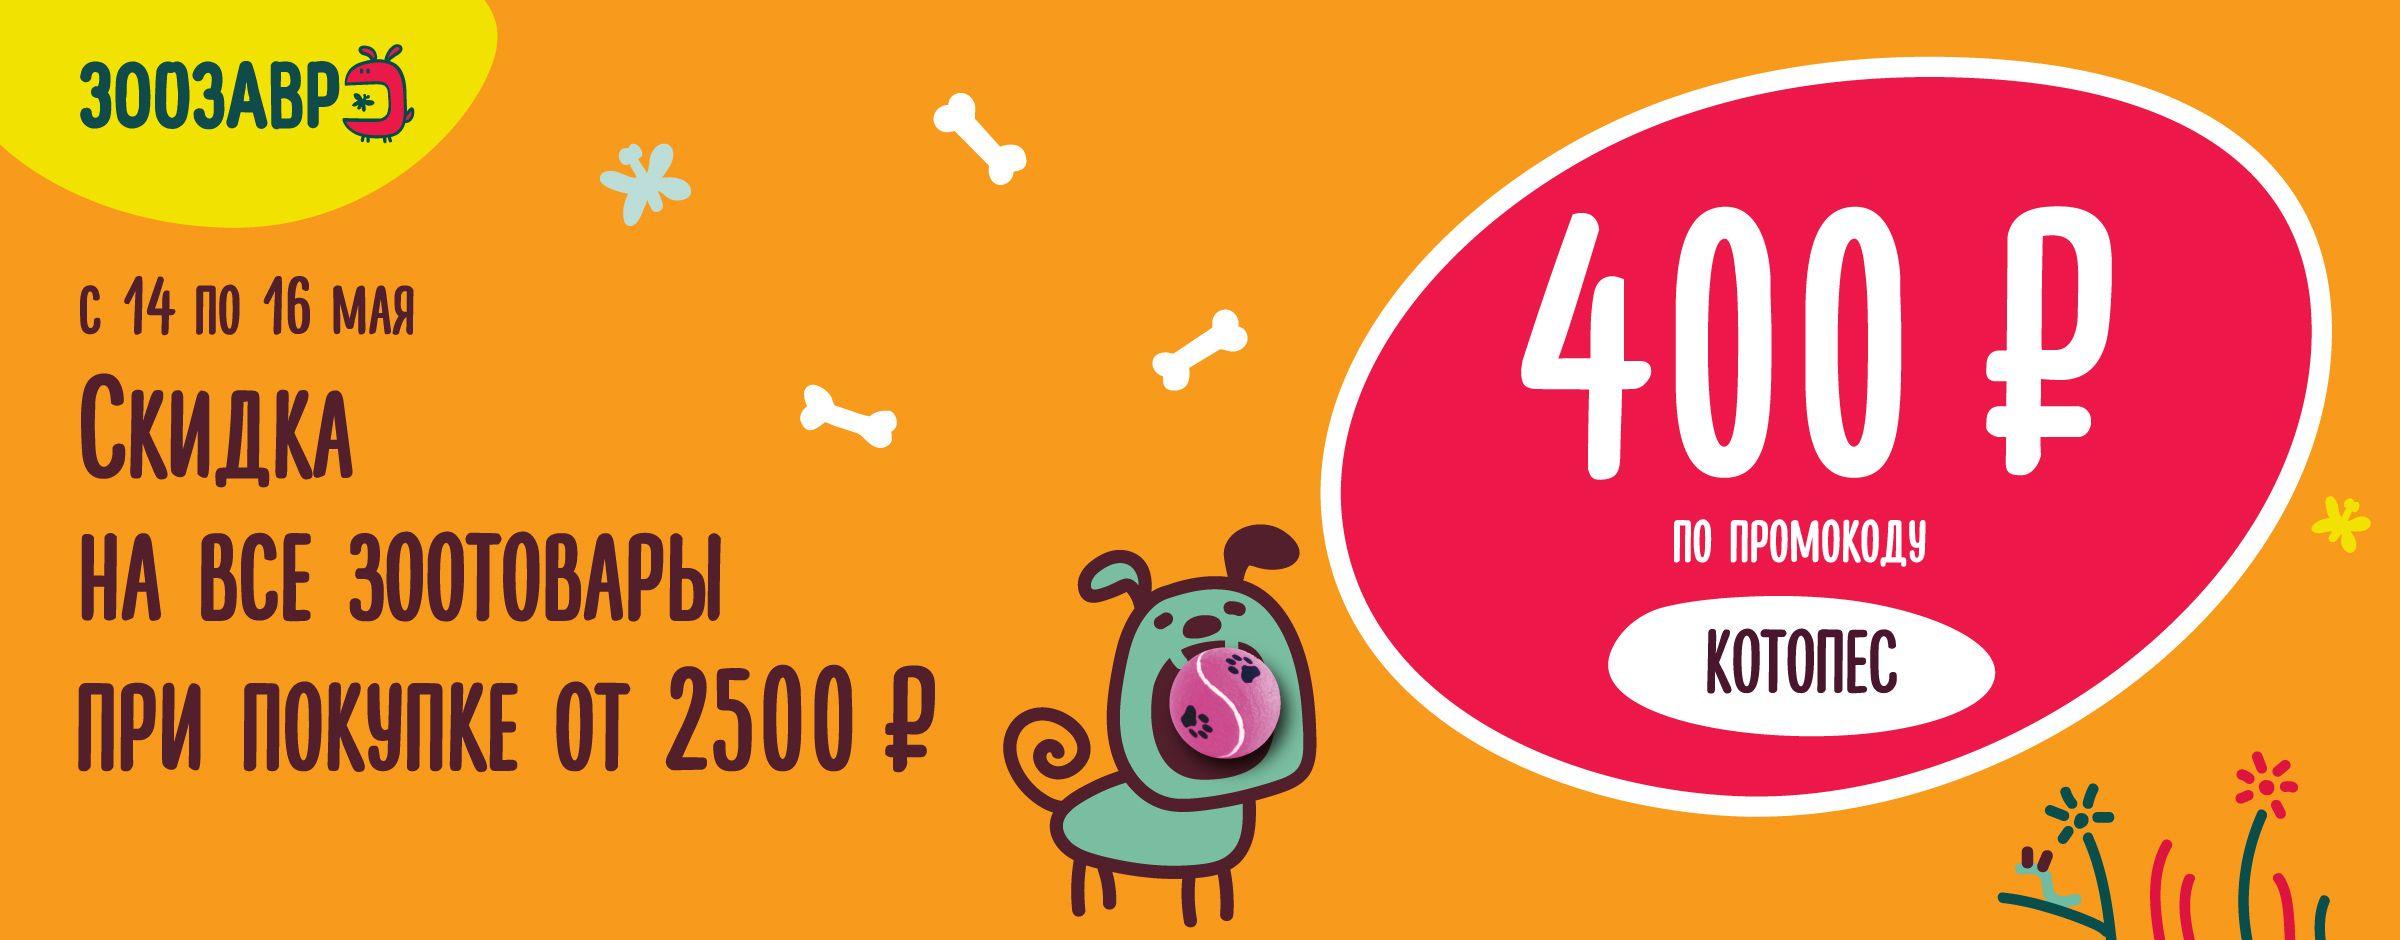 Скидка 400р на все товары для животных при покупке от 2500р по промокоду